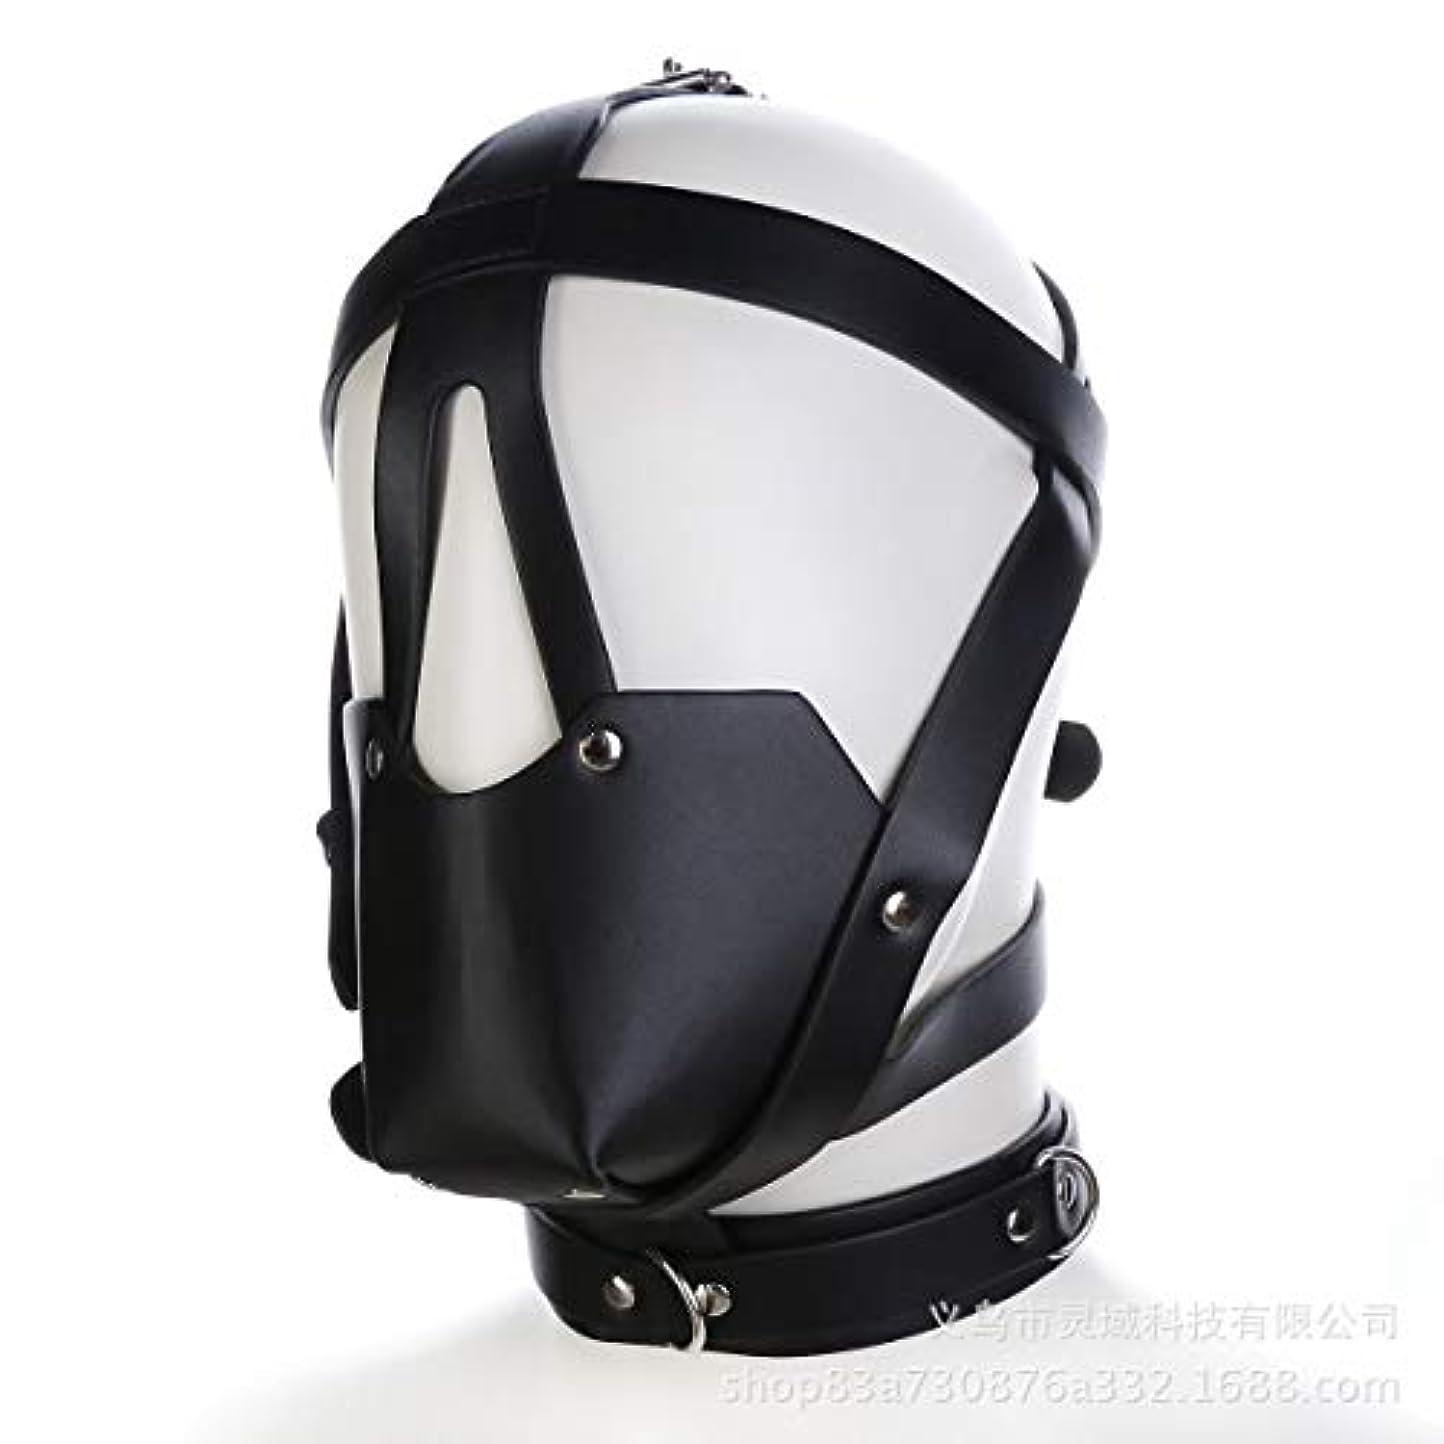 廃棄する忠実代替案SRY-Wigファッション 人格マスク、いちゃつくマスク髪大人のセックス黒馬マスク代替夫と妻カップルの小道具 (Color : Black)